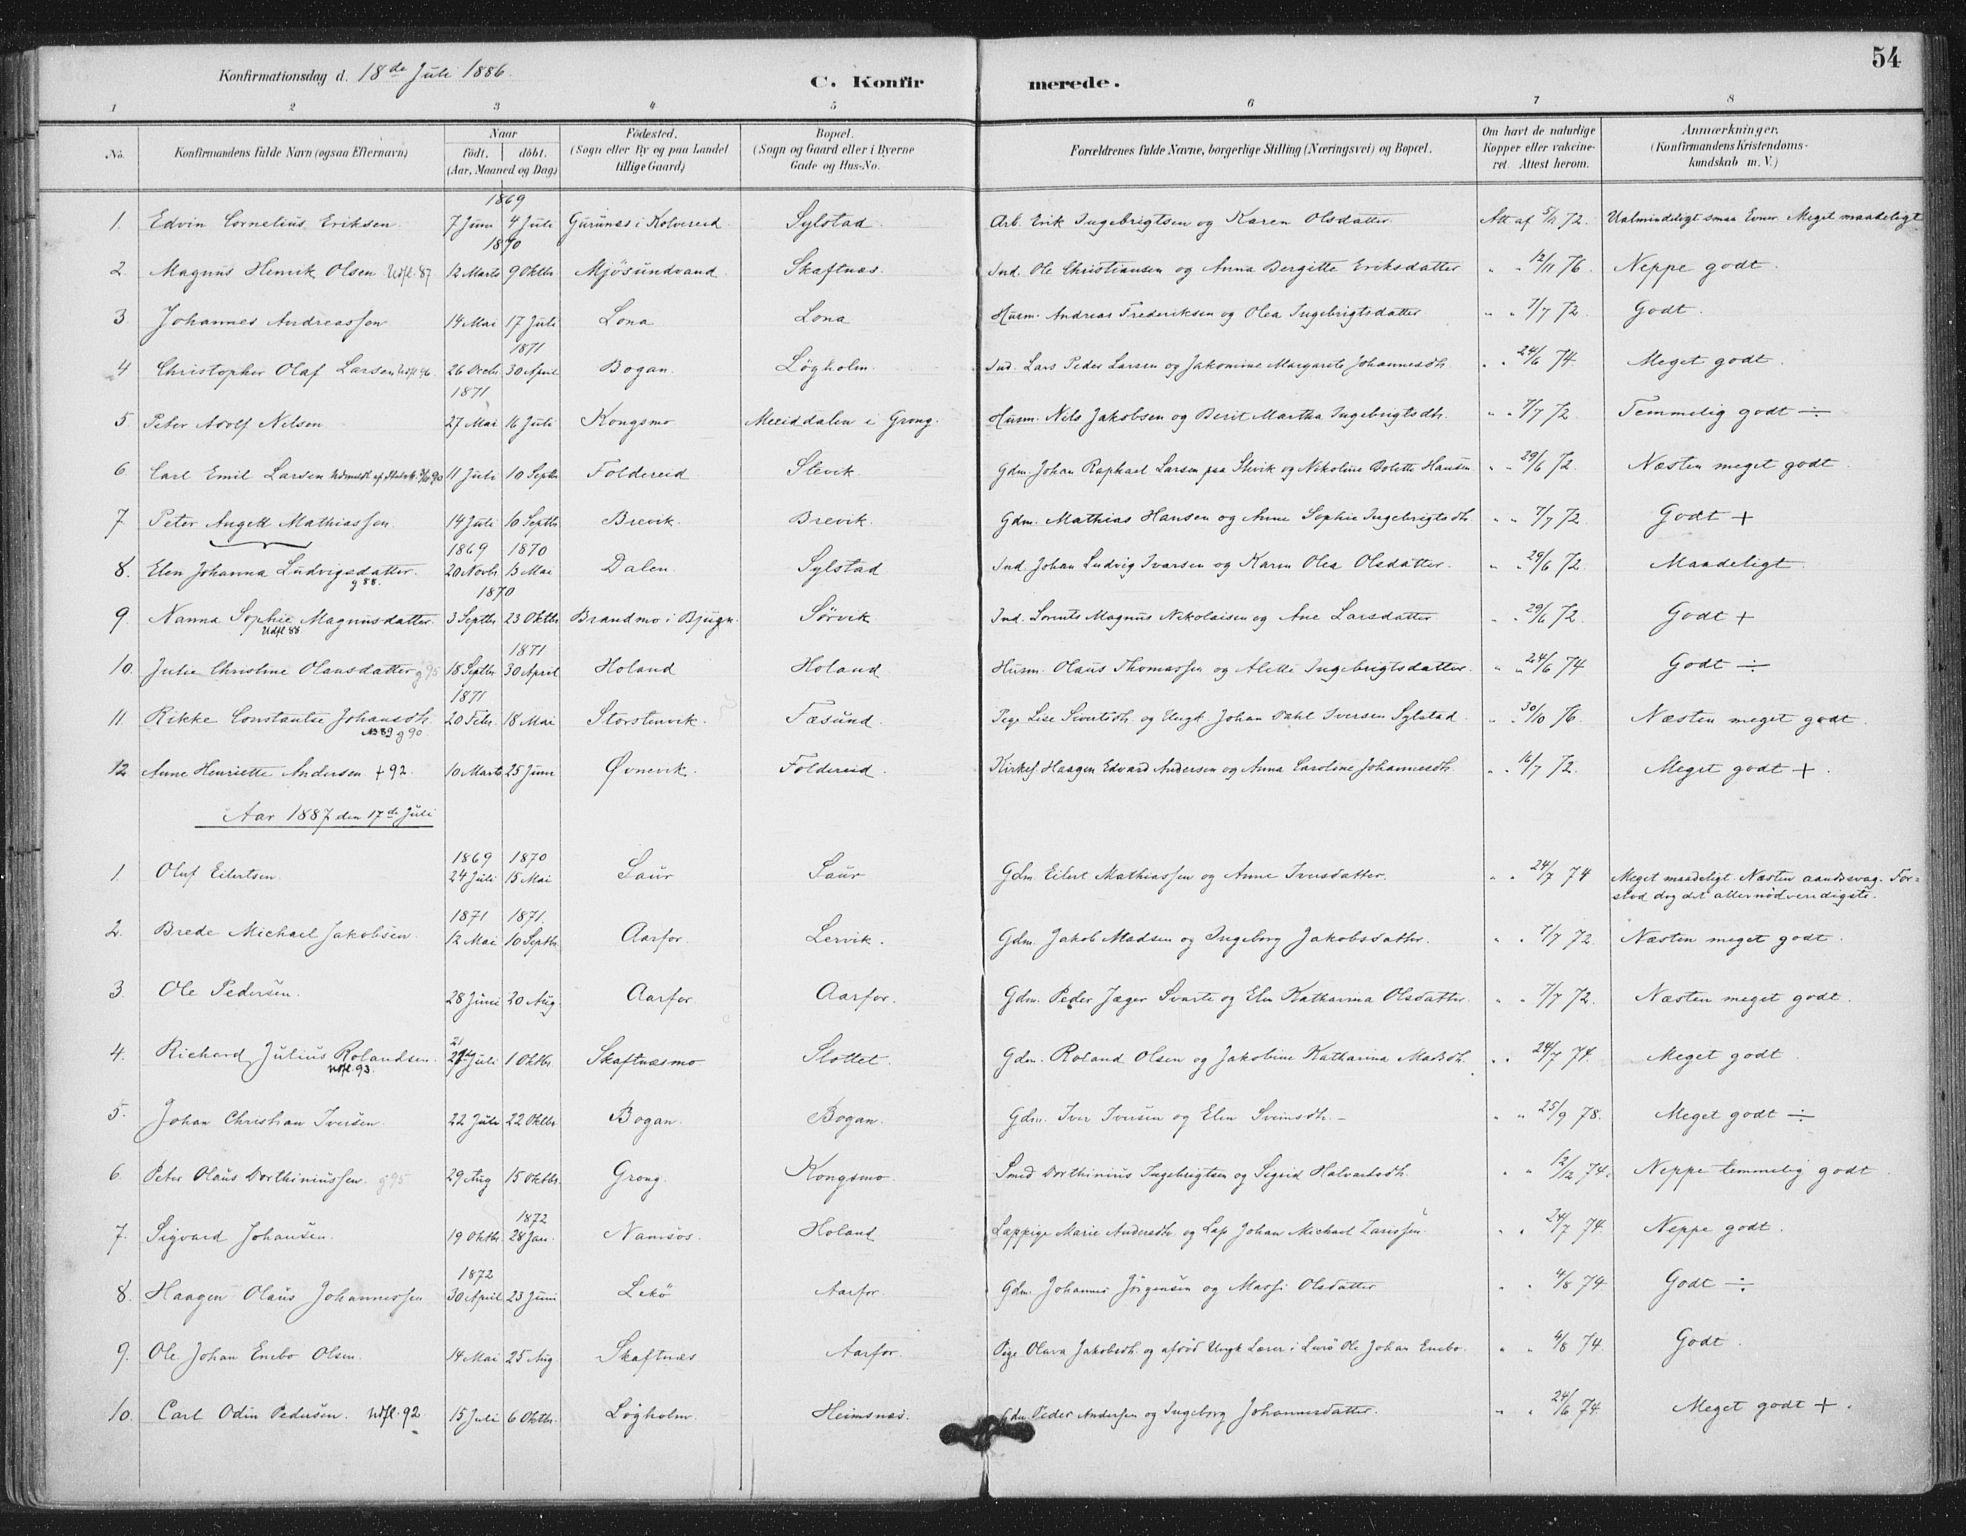 SAT, Ministerialprotokoller, klokkerbøker og fødselsregistre - Nord-Trøndelag, 783/L0660: Ministerialbok nr. 783A02, 1886-1918, s. 54